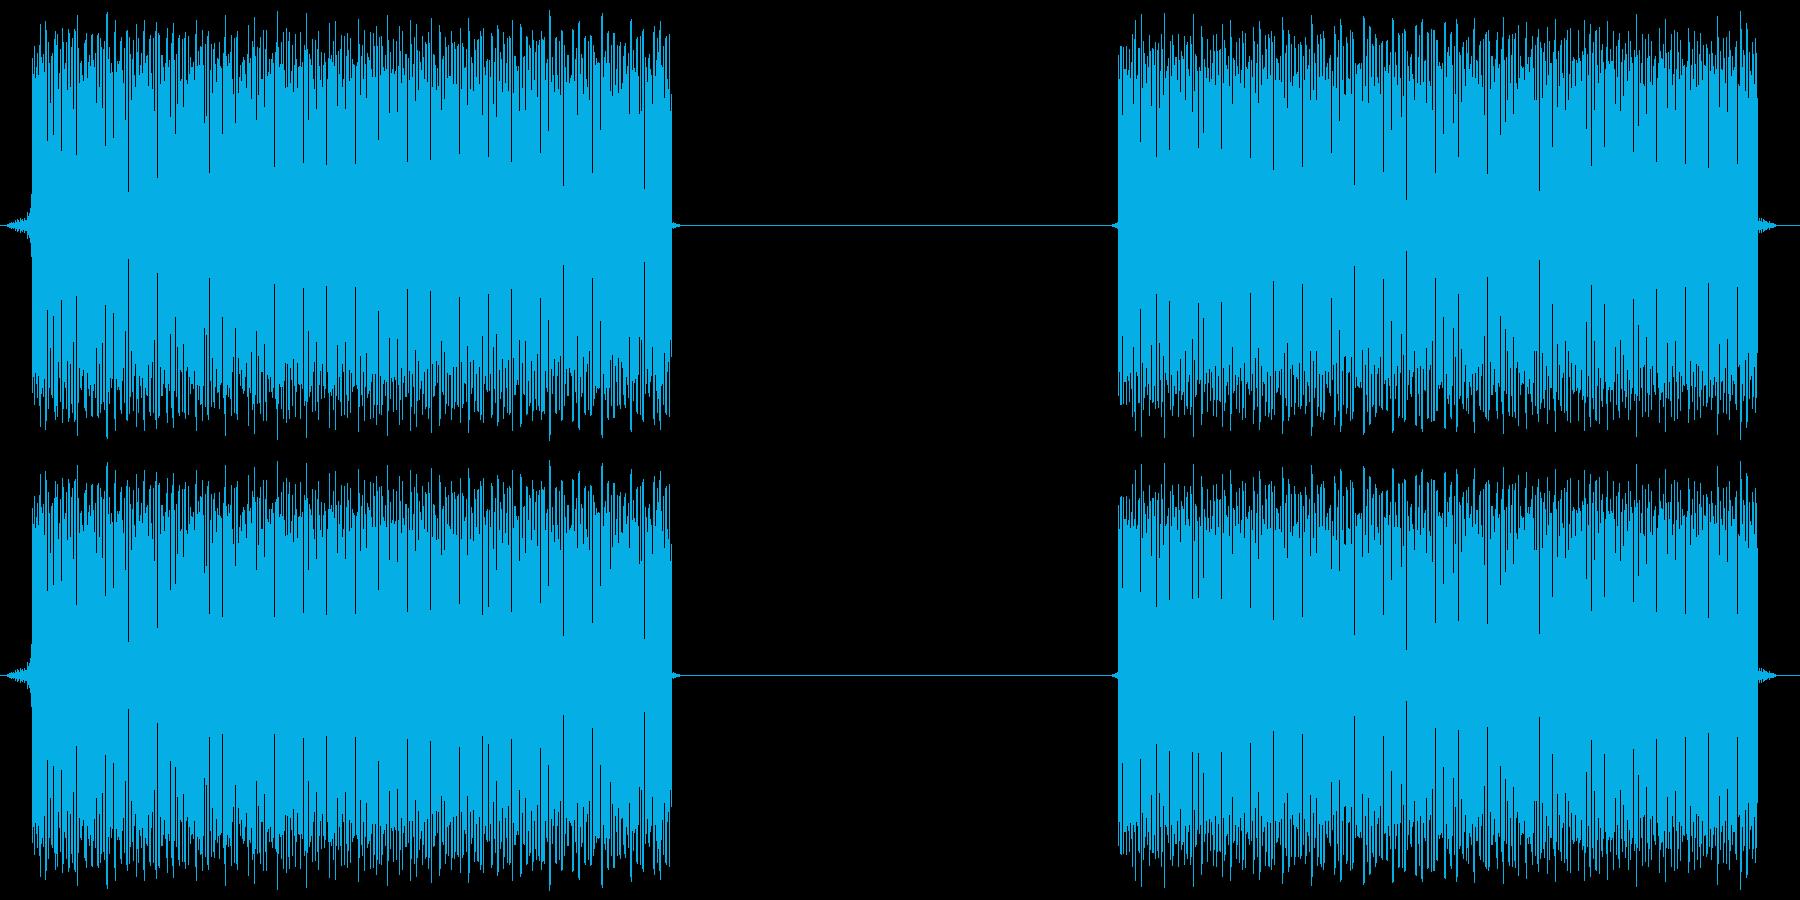 危険アラ-ム音の再生済みの波形